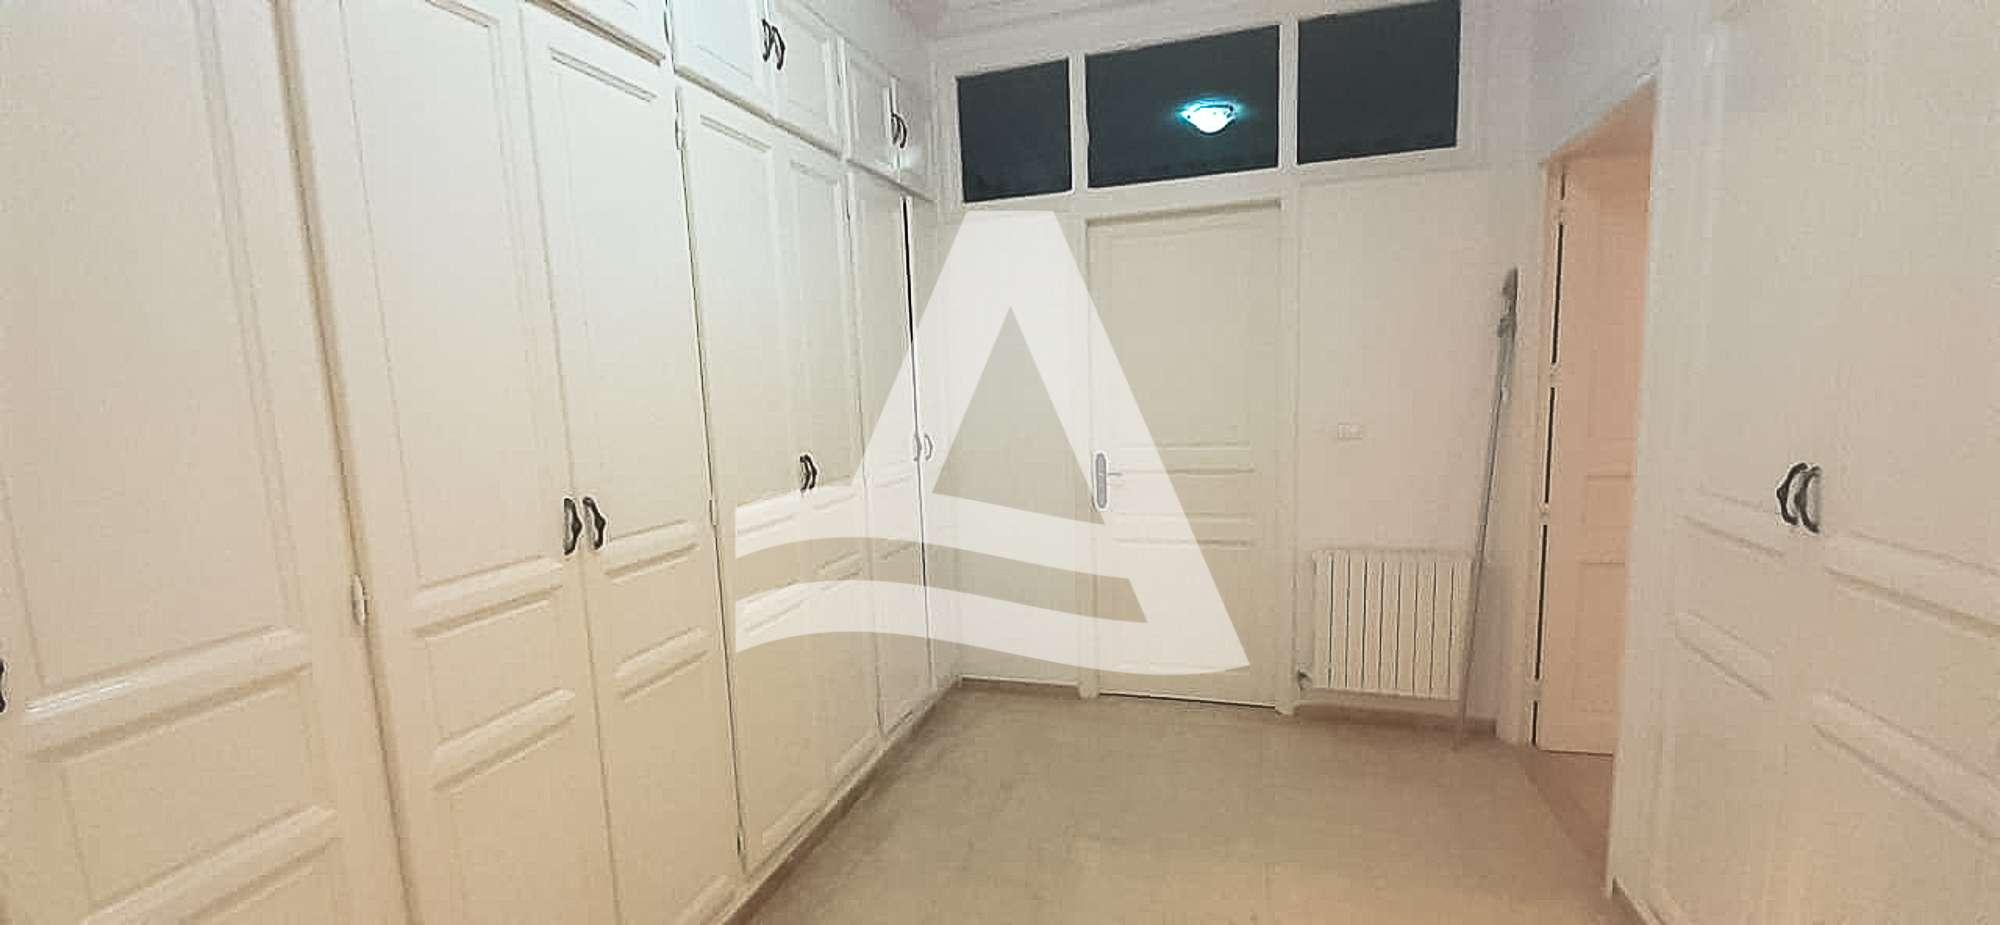 httpss3.amazonaws.comlogimoaws_Arcane_immobilière_la_Marsa-_location_-_vente_la_marsa__-15_1583429653037-2